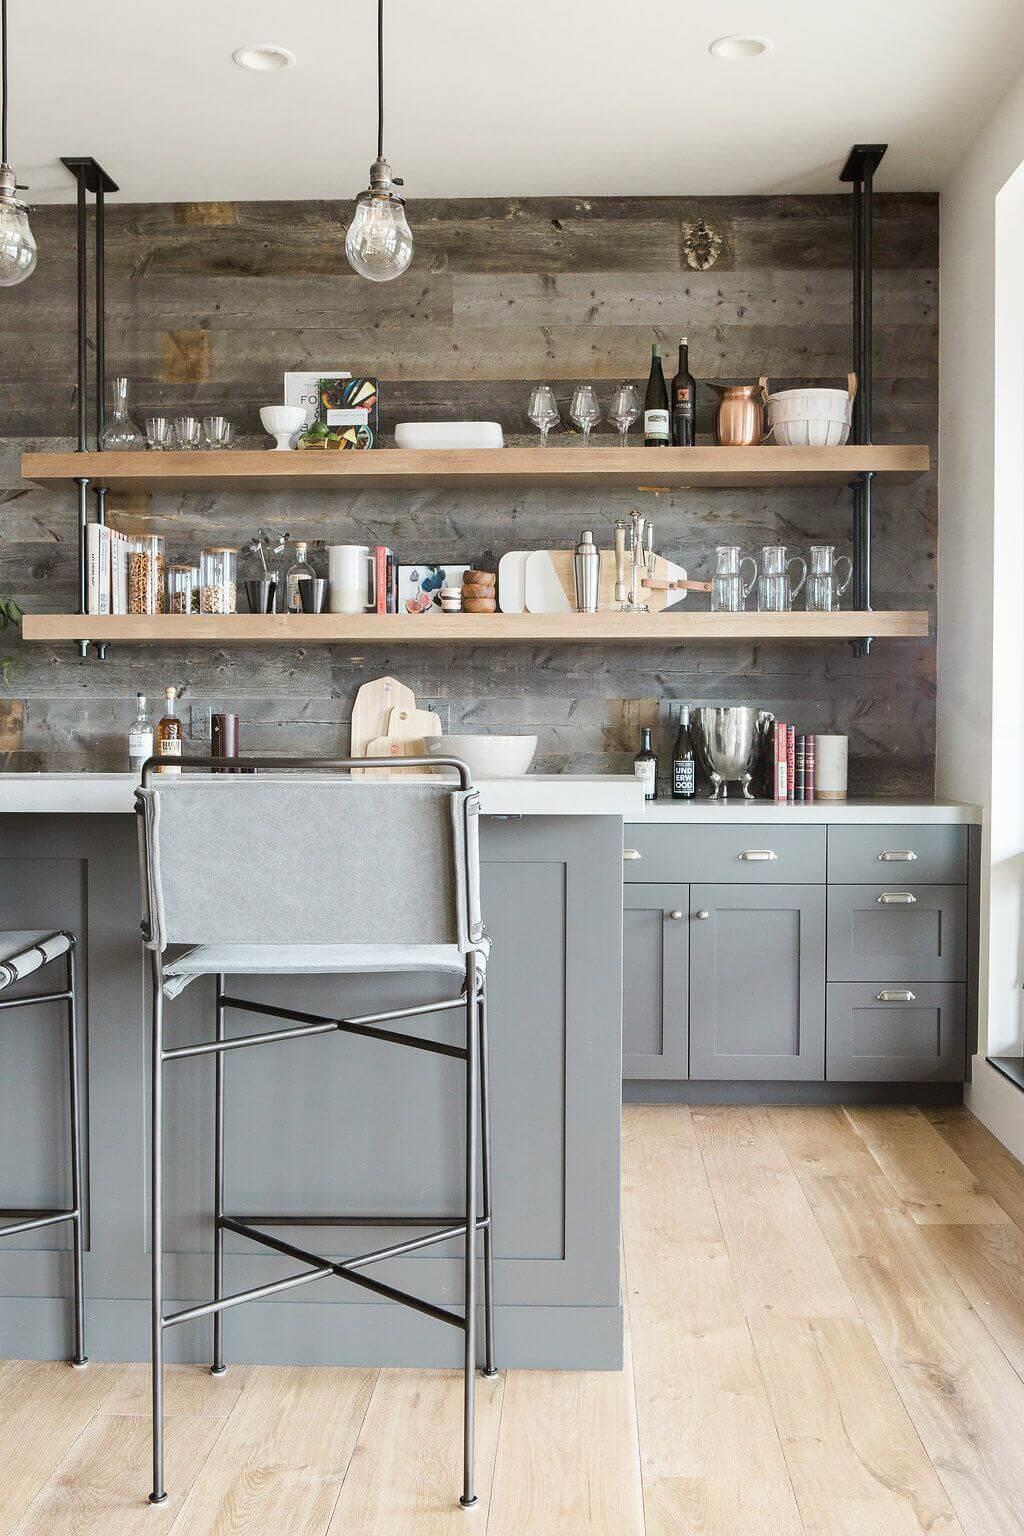 mutfak-acik-raf-modelleri açık mutfak raflarınızı nasıl düzenleyebilirsiniz - mutfak acik raf modelleri 3